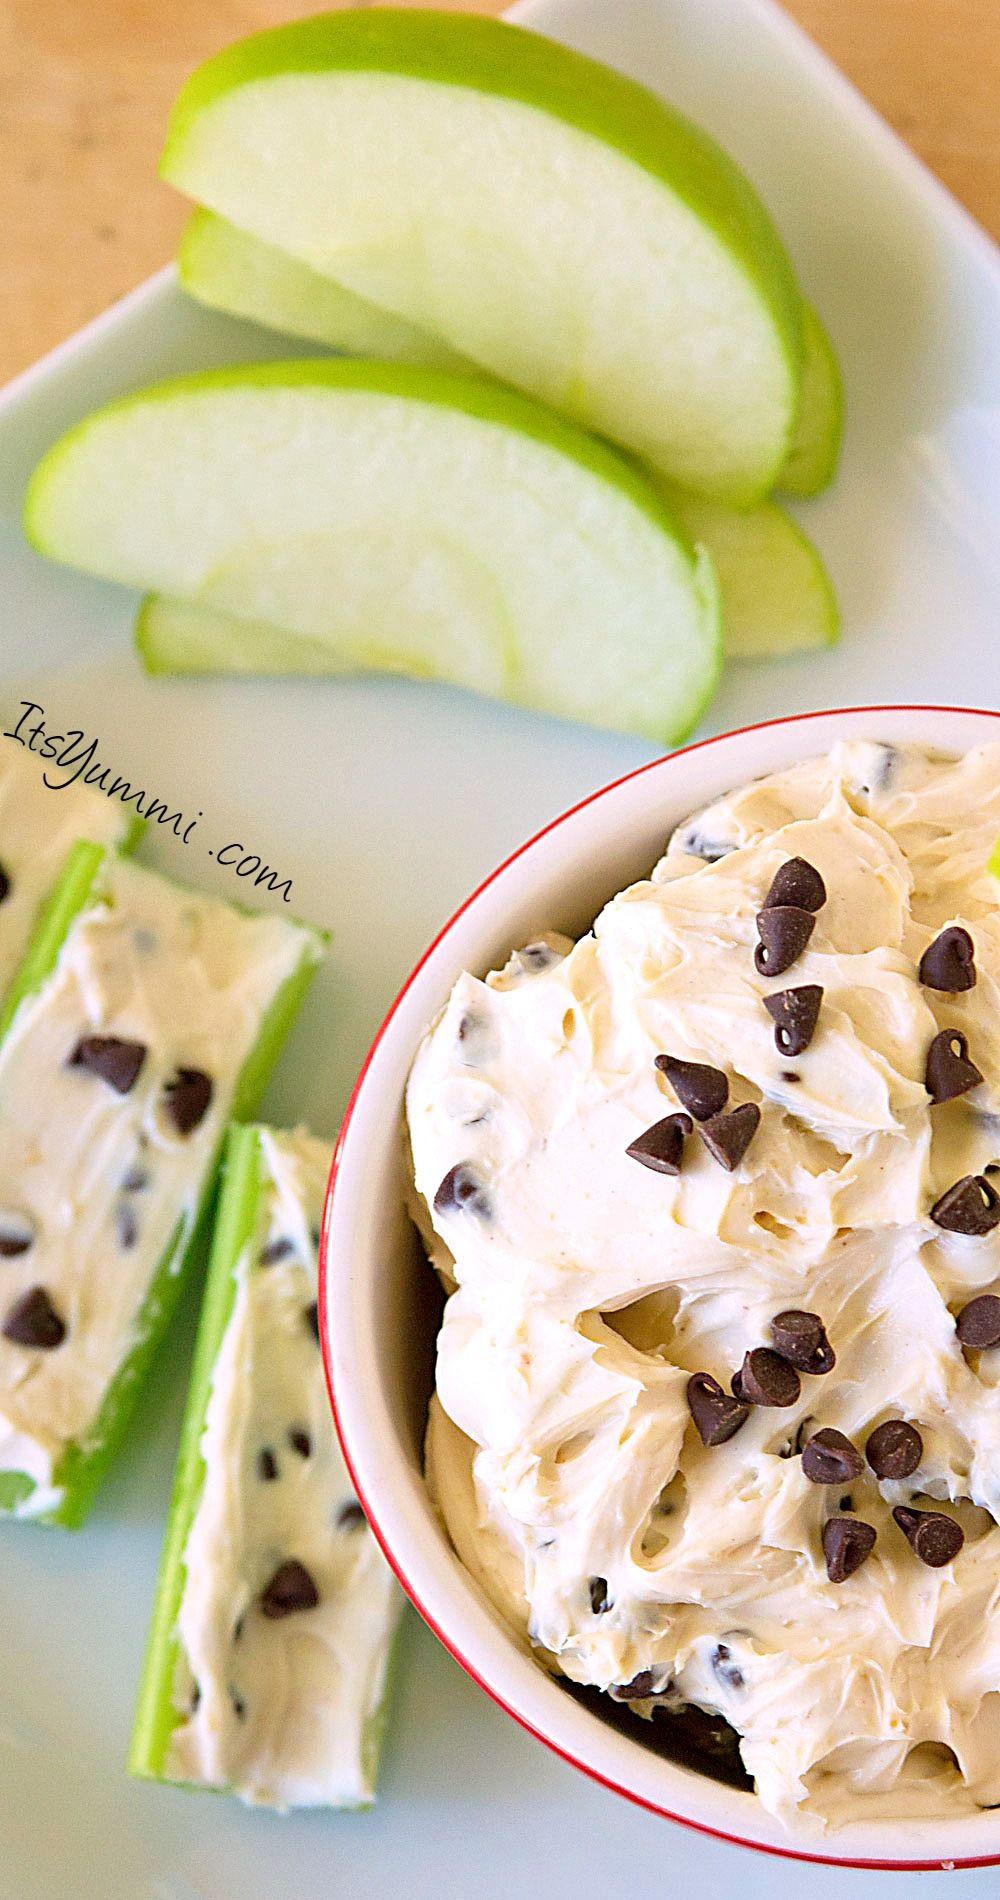 Low Fat Food Recipes  Best 20 Low Fat Snacks ideas on Pinterest